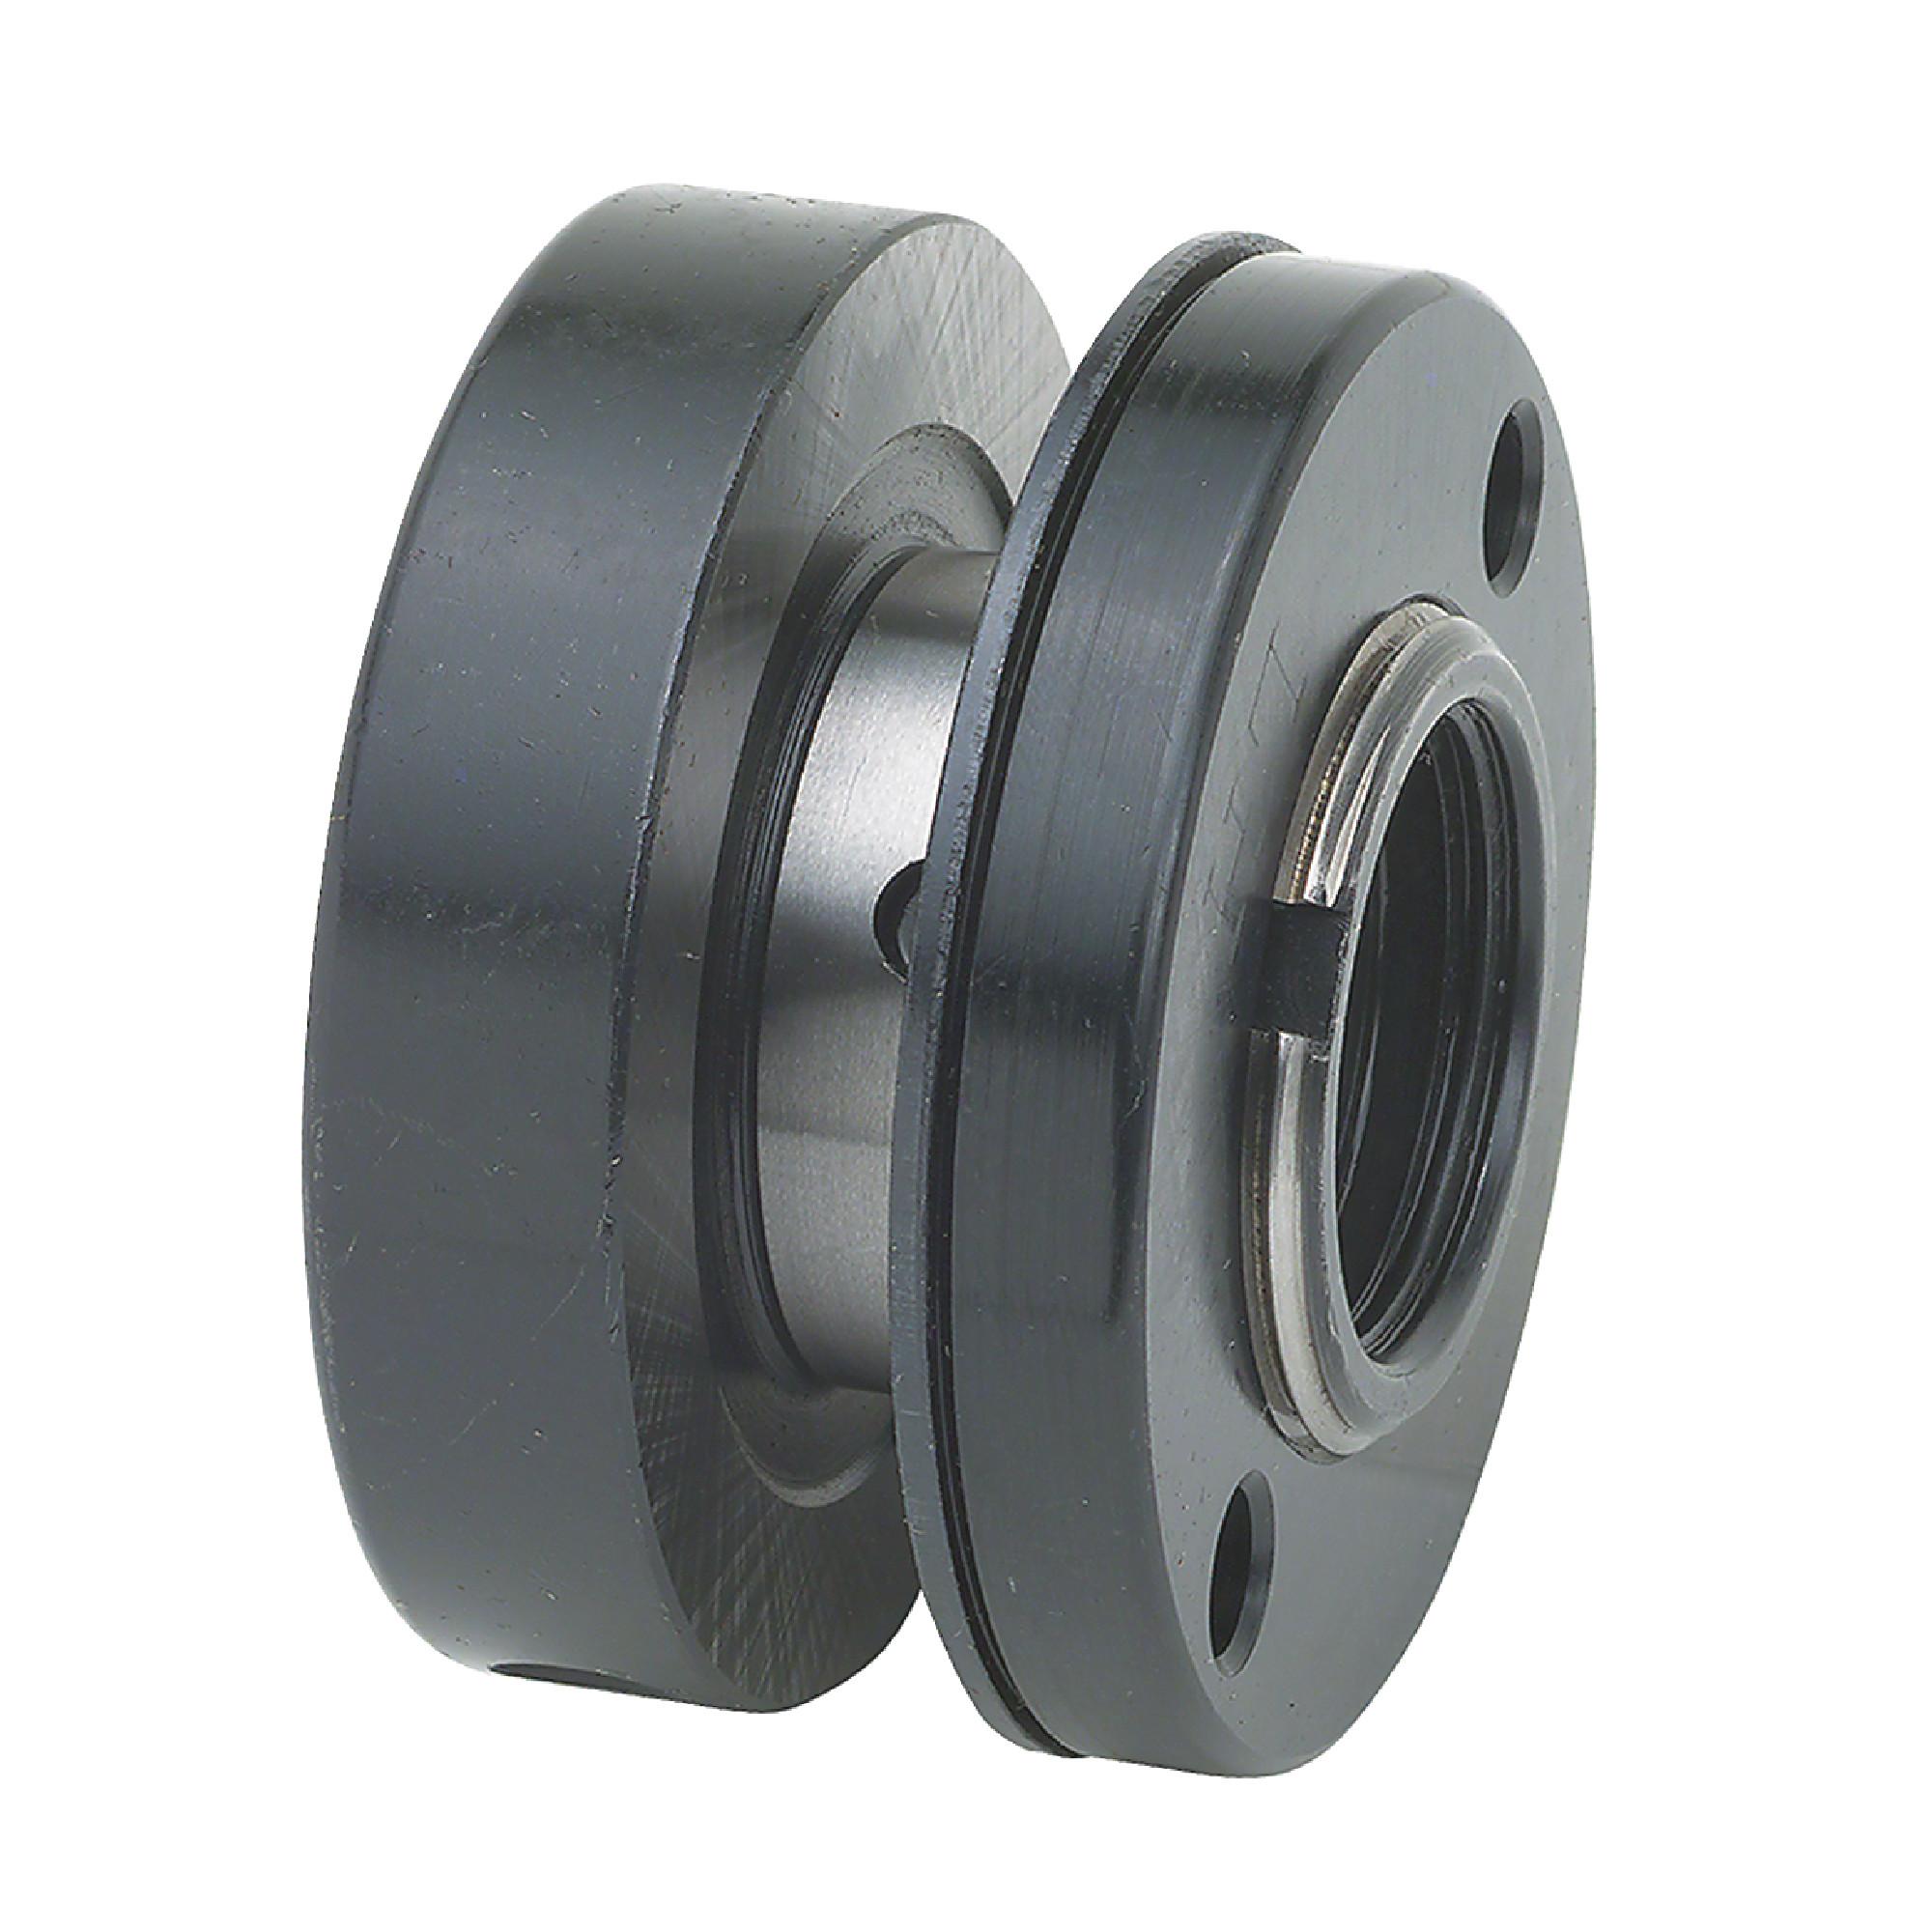 Cincinnati Taper Wheel Adapter